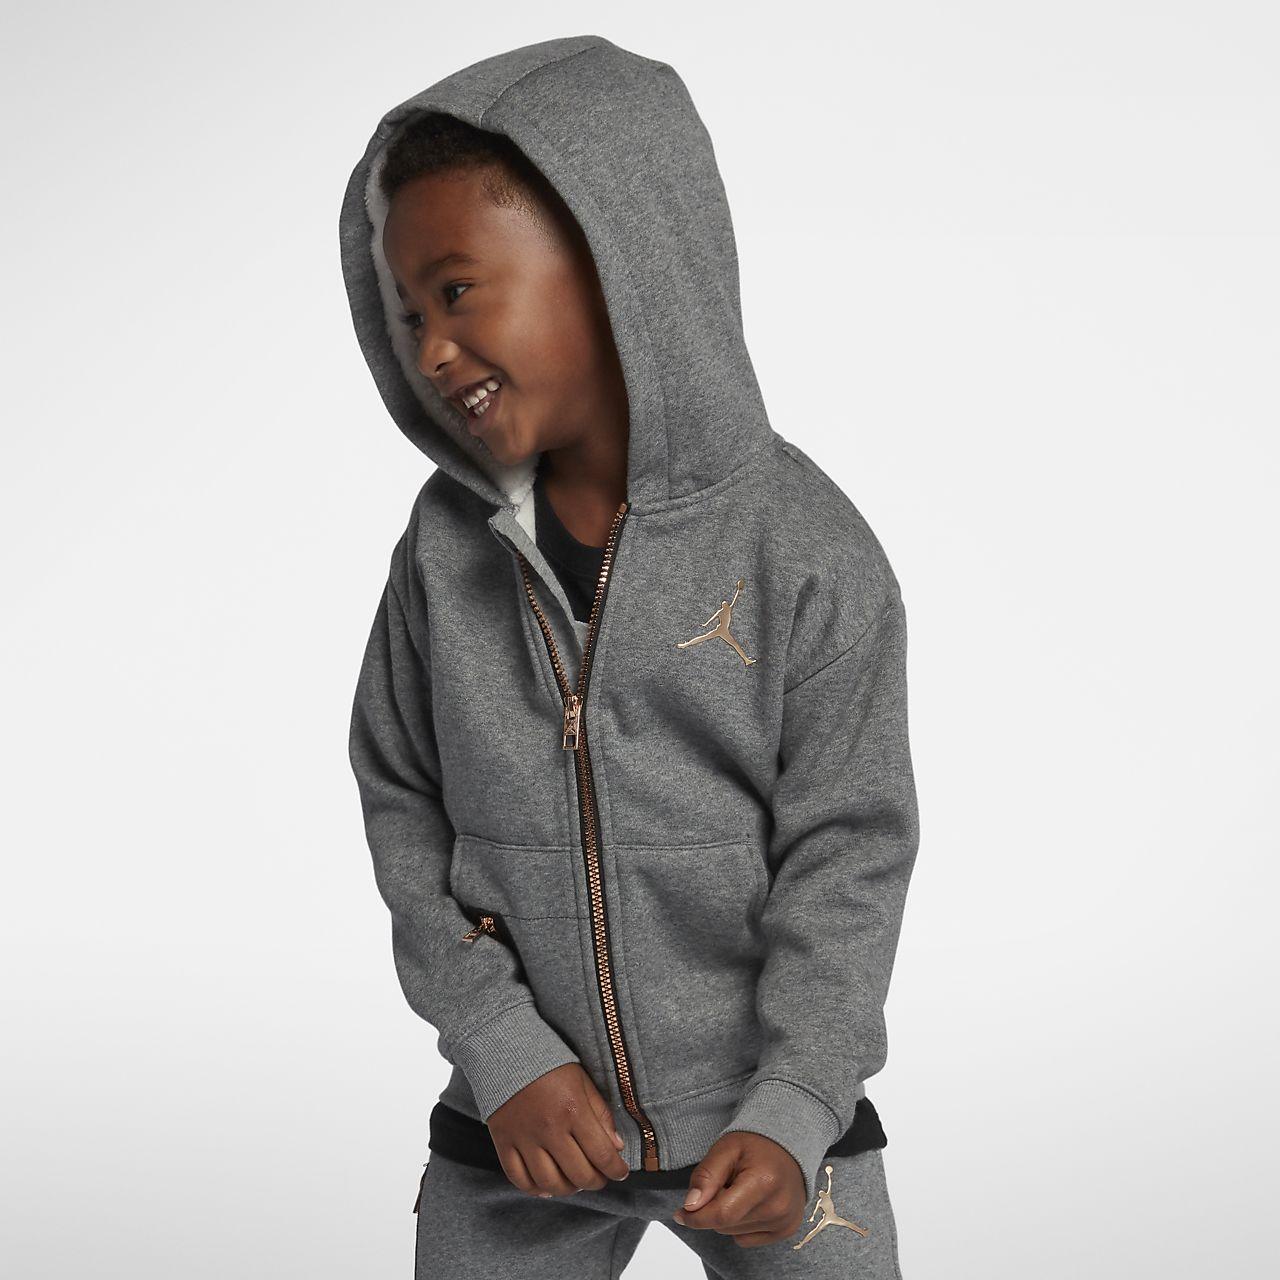 Jordan-hættetrøje med lynlås til små børn